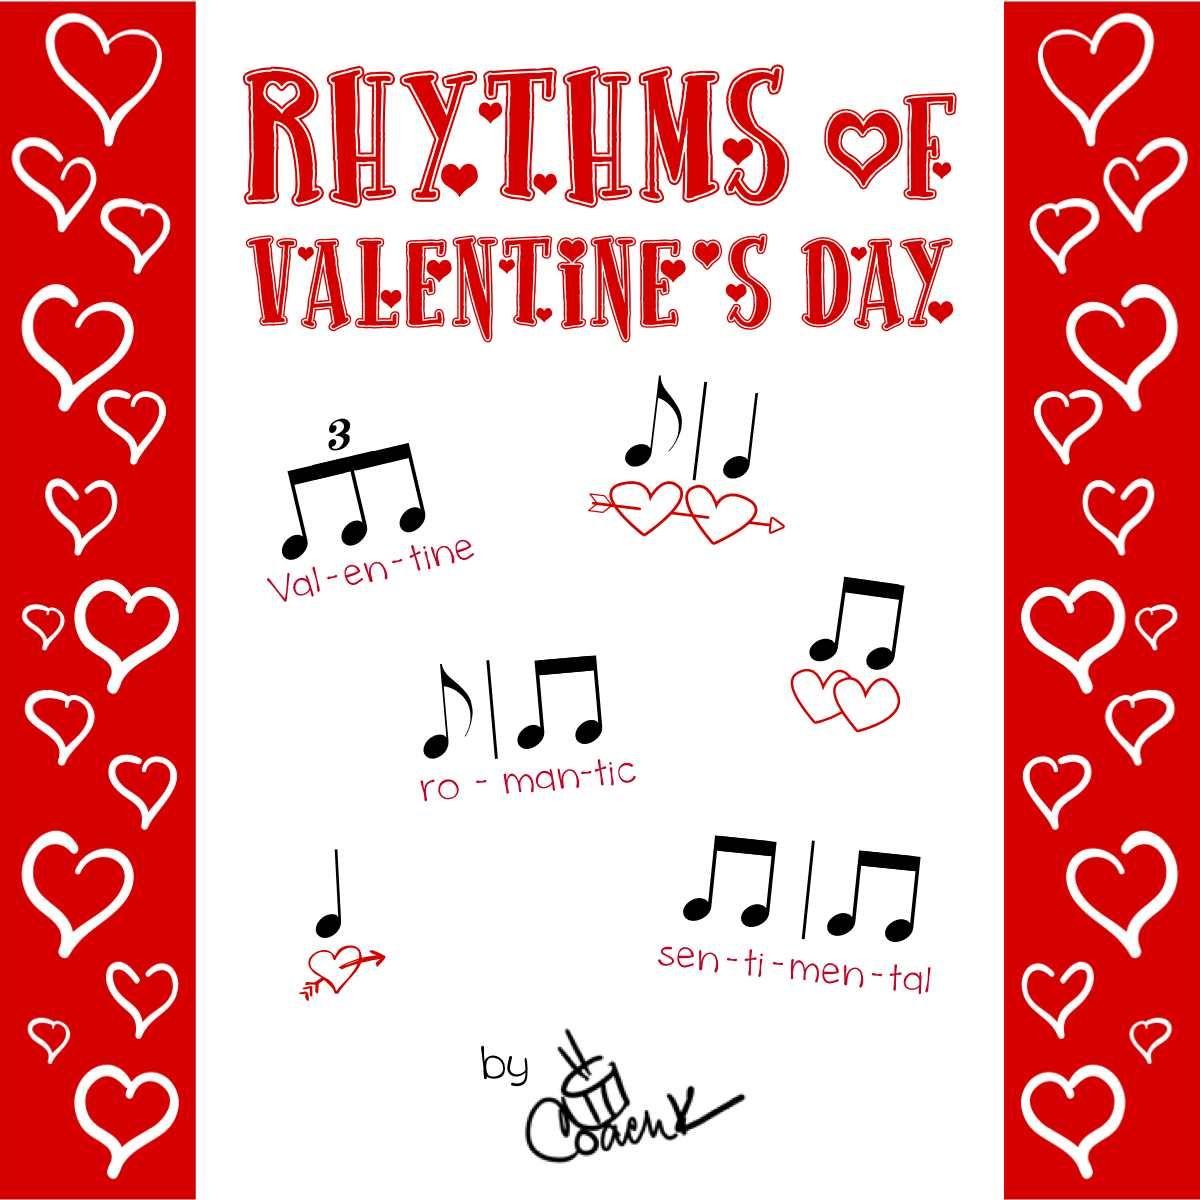 Valentine S Day Rhythms